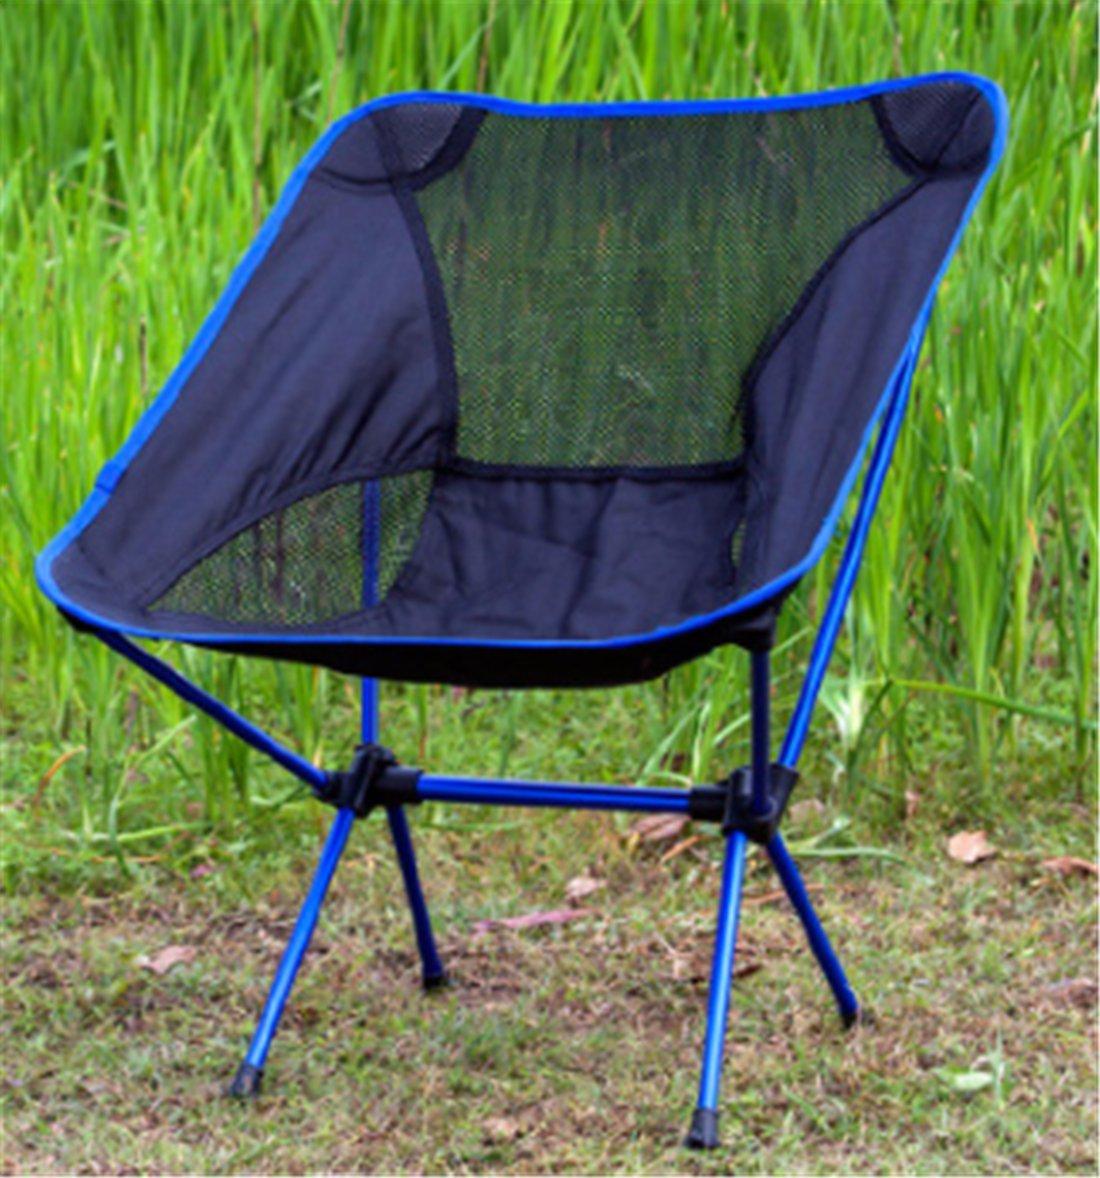 Yeying123 Outdoor-Klappstuhl Tragbare Reise Freizeit Stuhl Ultraleichte Aluminiumlegierung Angeln Stuhl Strandkorb,Blau